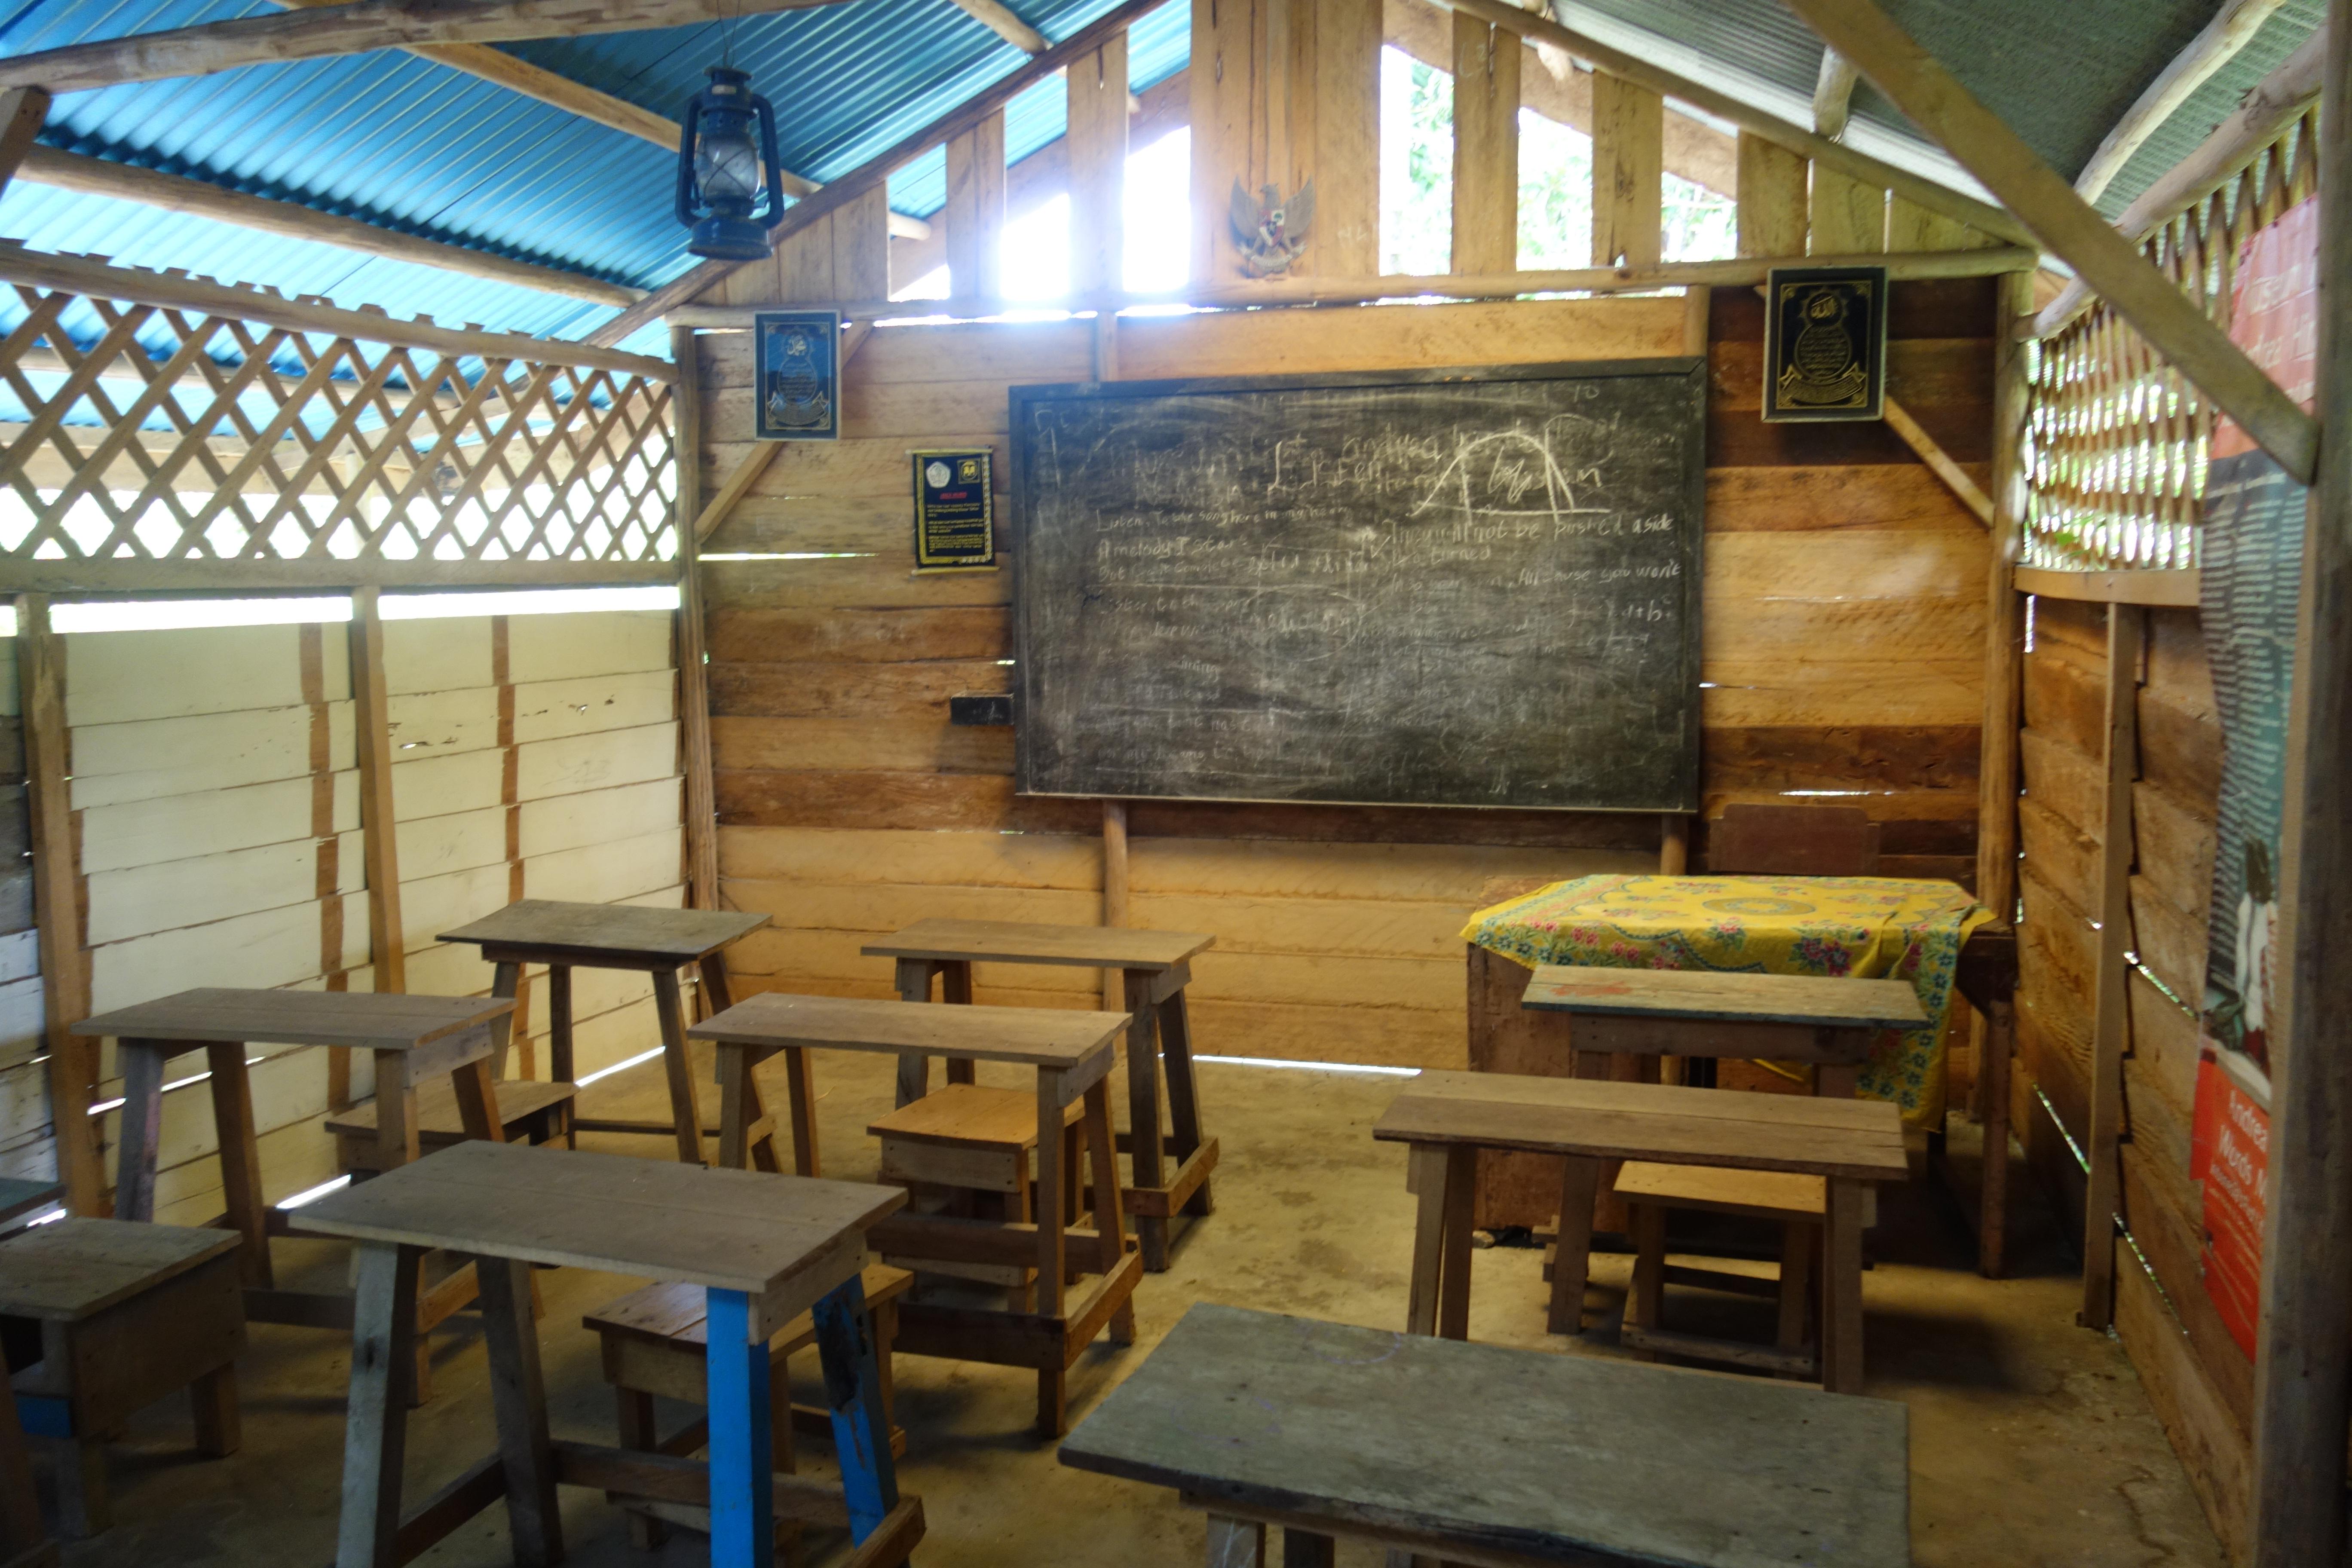 belitung-museum-school